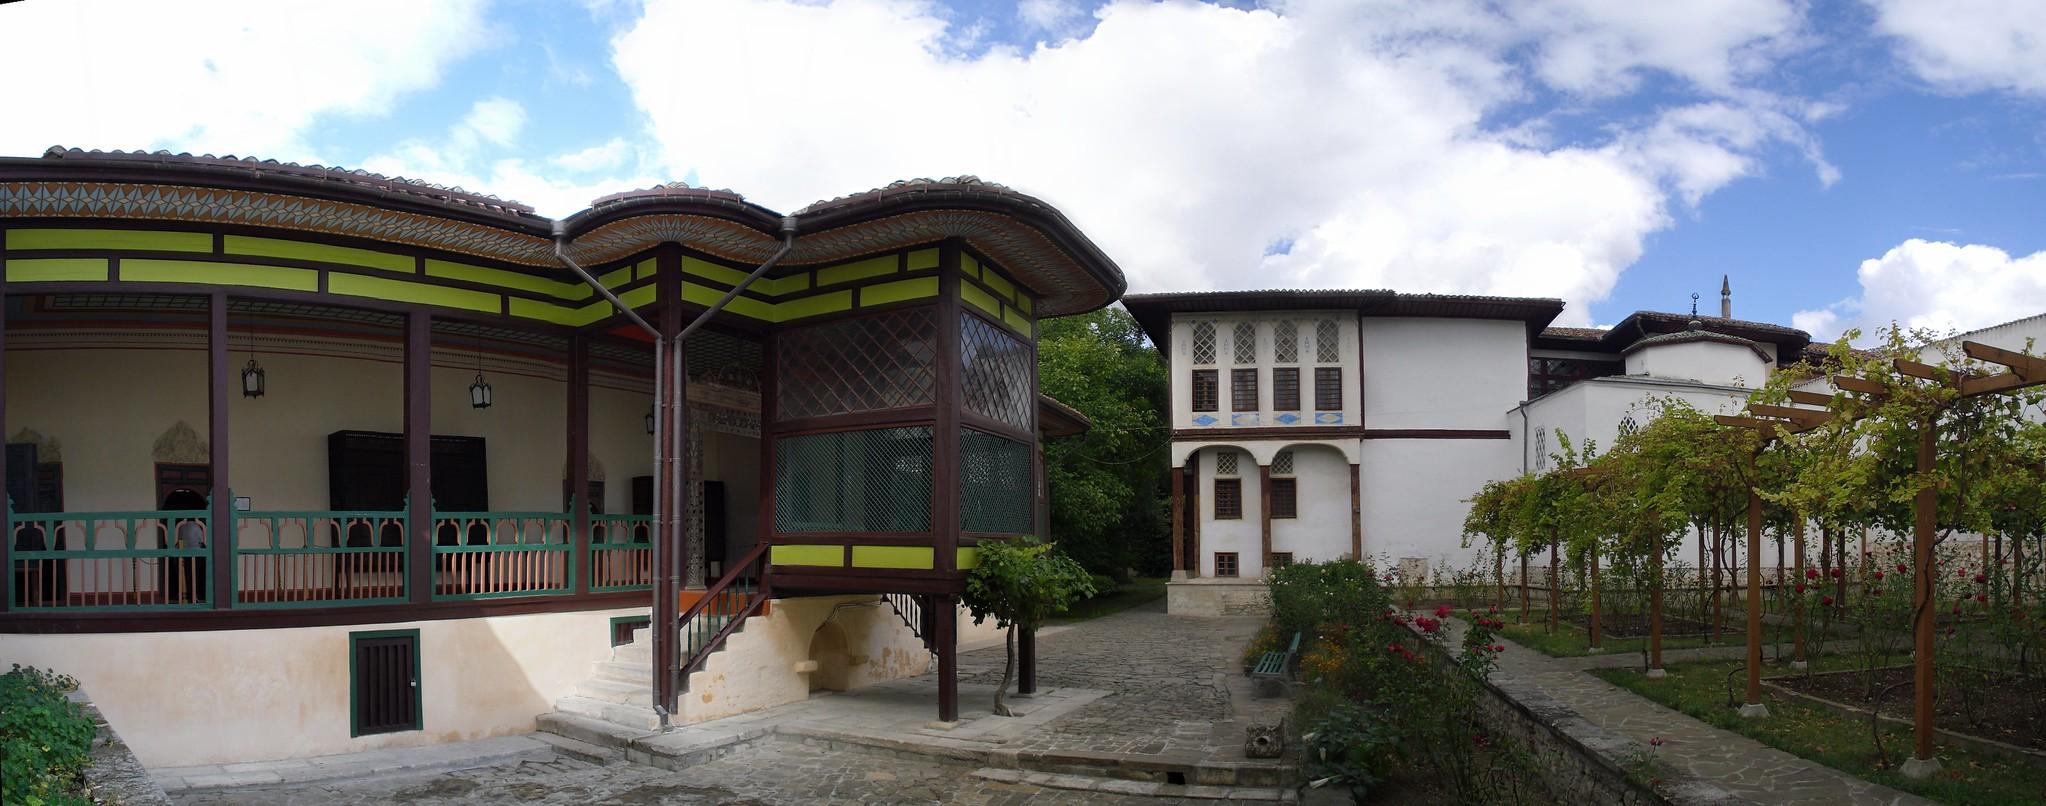 Patio haren exterior Palacio Kan de Bajchisarái de Hansaray o del Khan de Crimea Bakhchysarai Ucrania